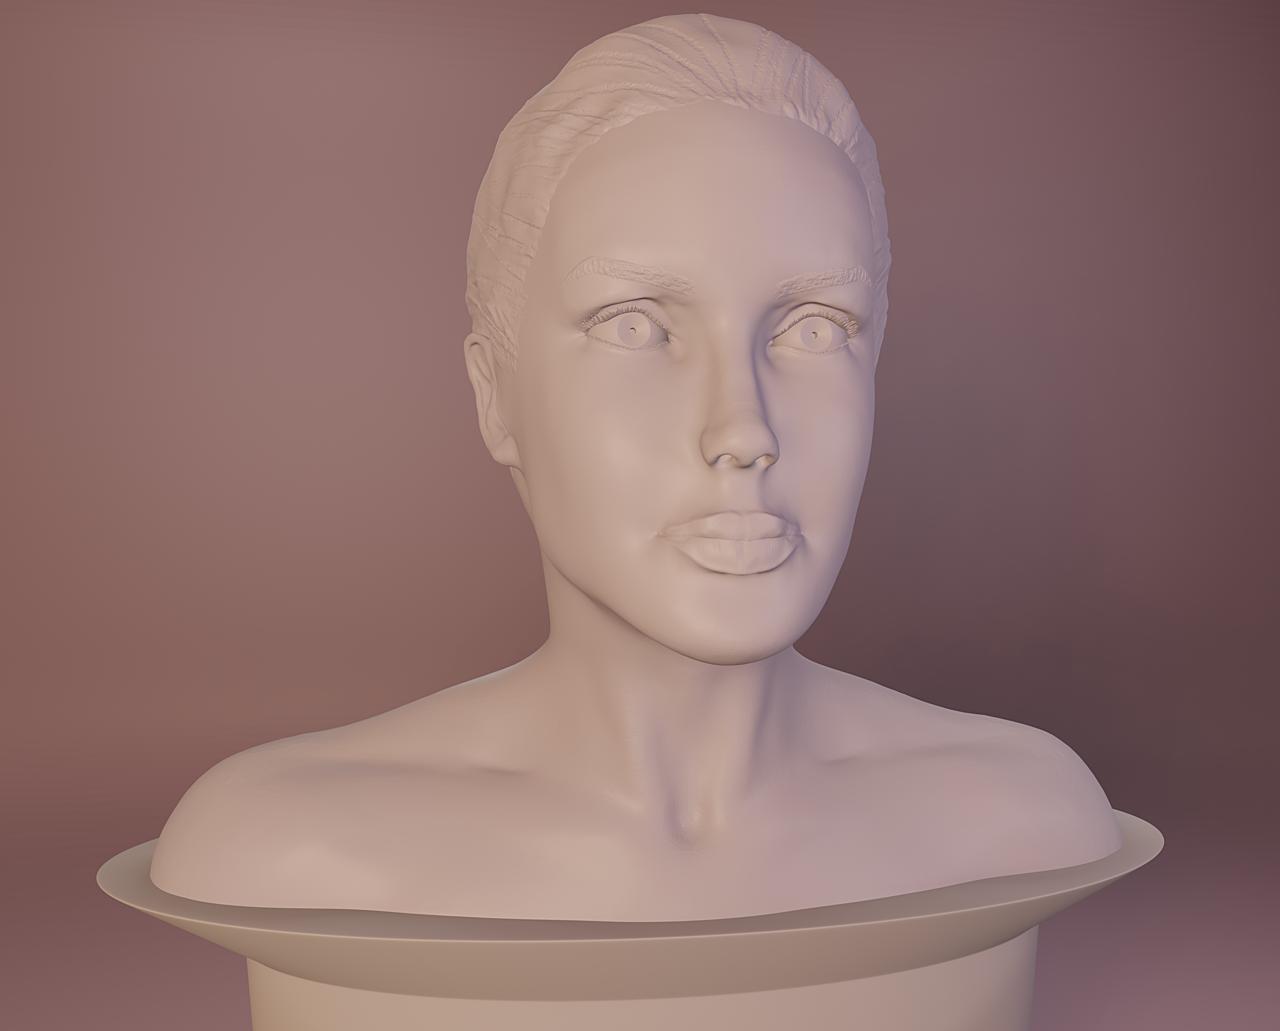 Sculpting Portraits - AJ